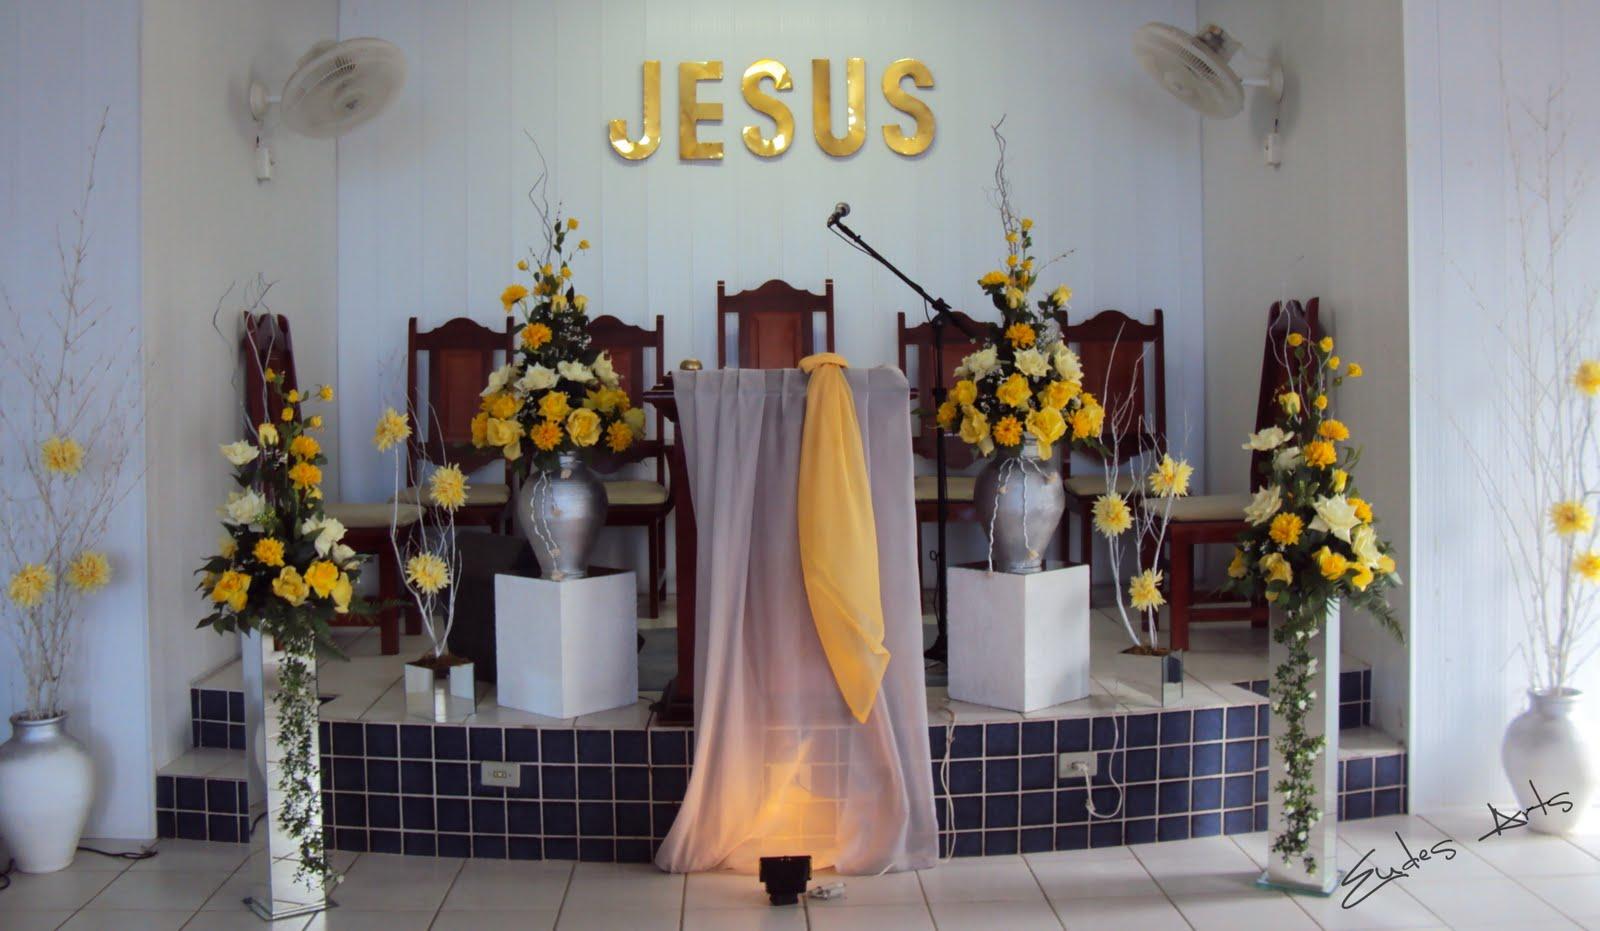 Decoraç u00e3o para Igrejas Evangélicas Dicas de Decoraç u00e3o de Casamento -> Decoração De Igreja Evangelica Para Congresso Infantil